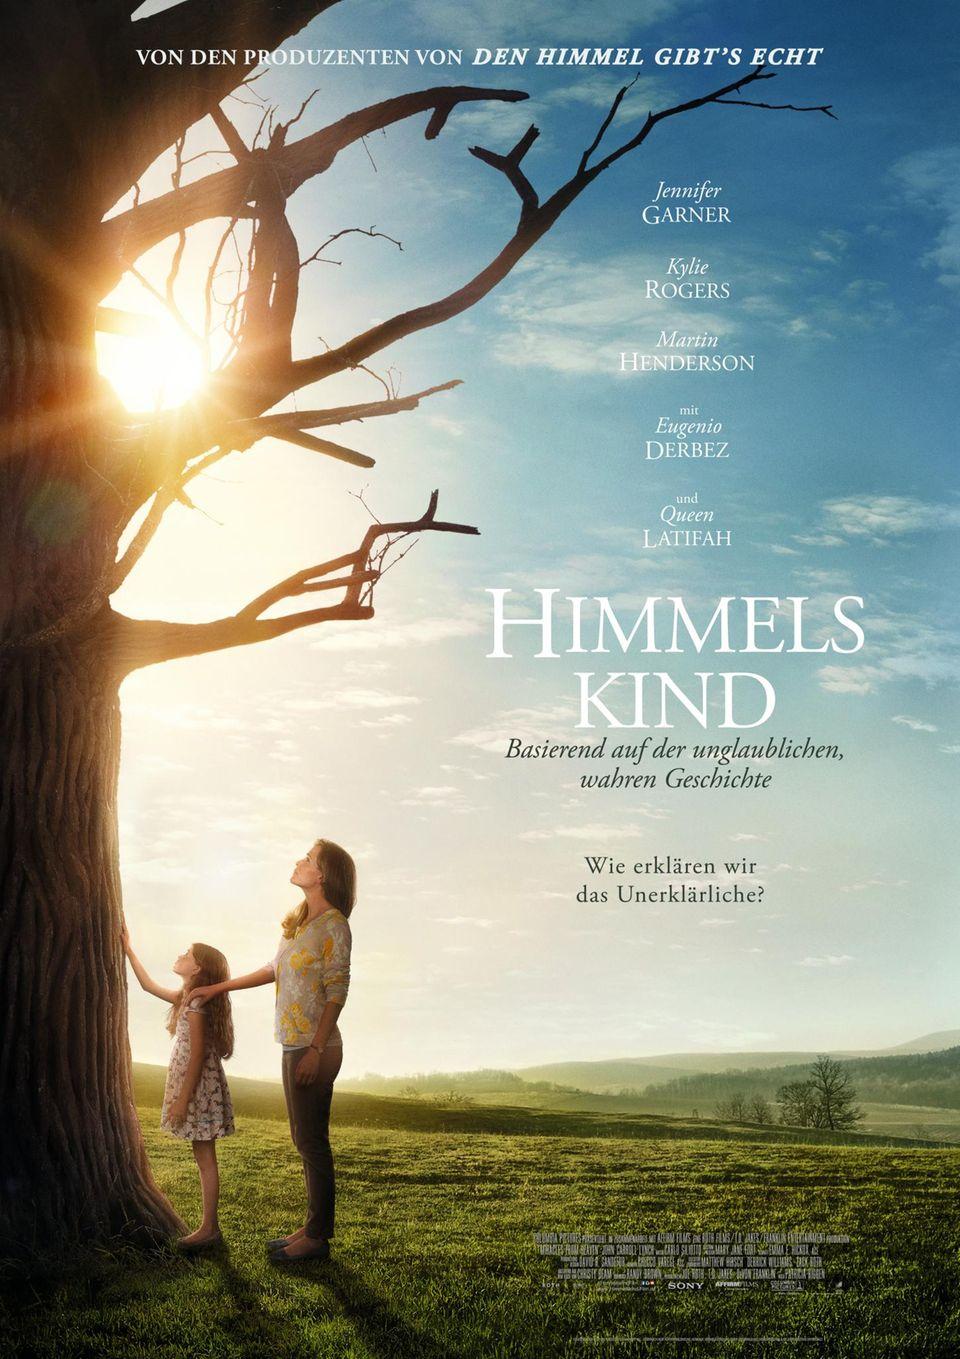 """""""Himmelskind"""" (ab 09. Juni im Kino) basiert auf dem Schicksal der neunjährigen Annabel Beam (gespielt von Kylie Rogers), die nach einem Sturz von einer Pappel plötzlich geheilt ist."""